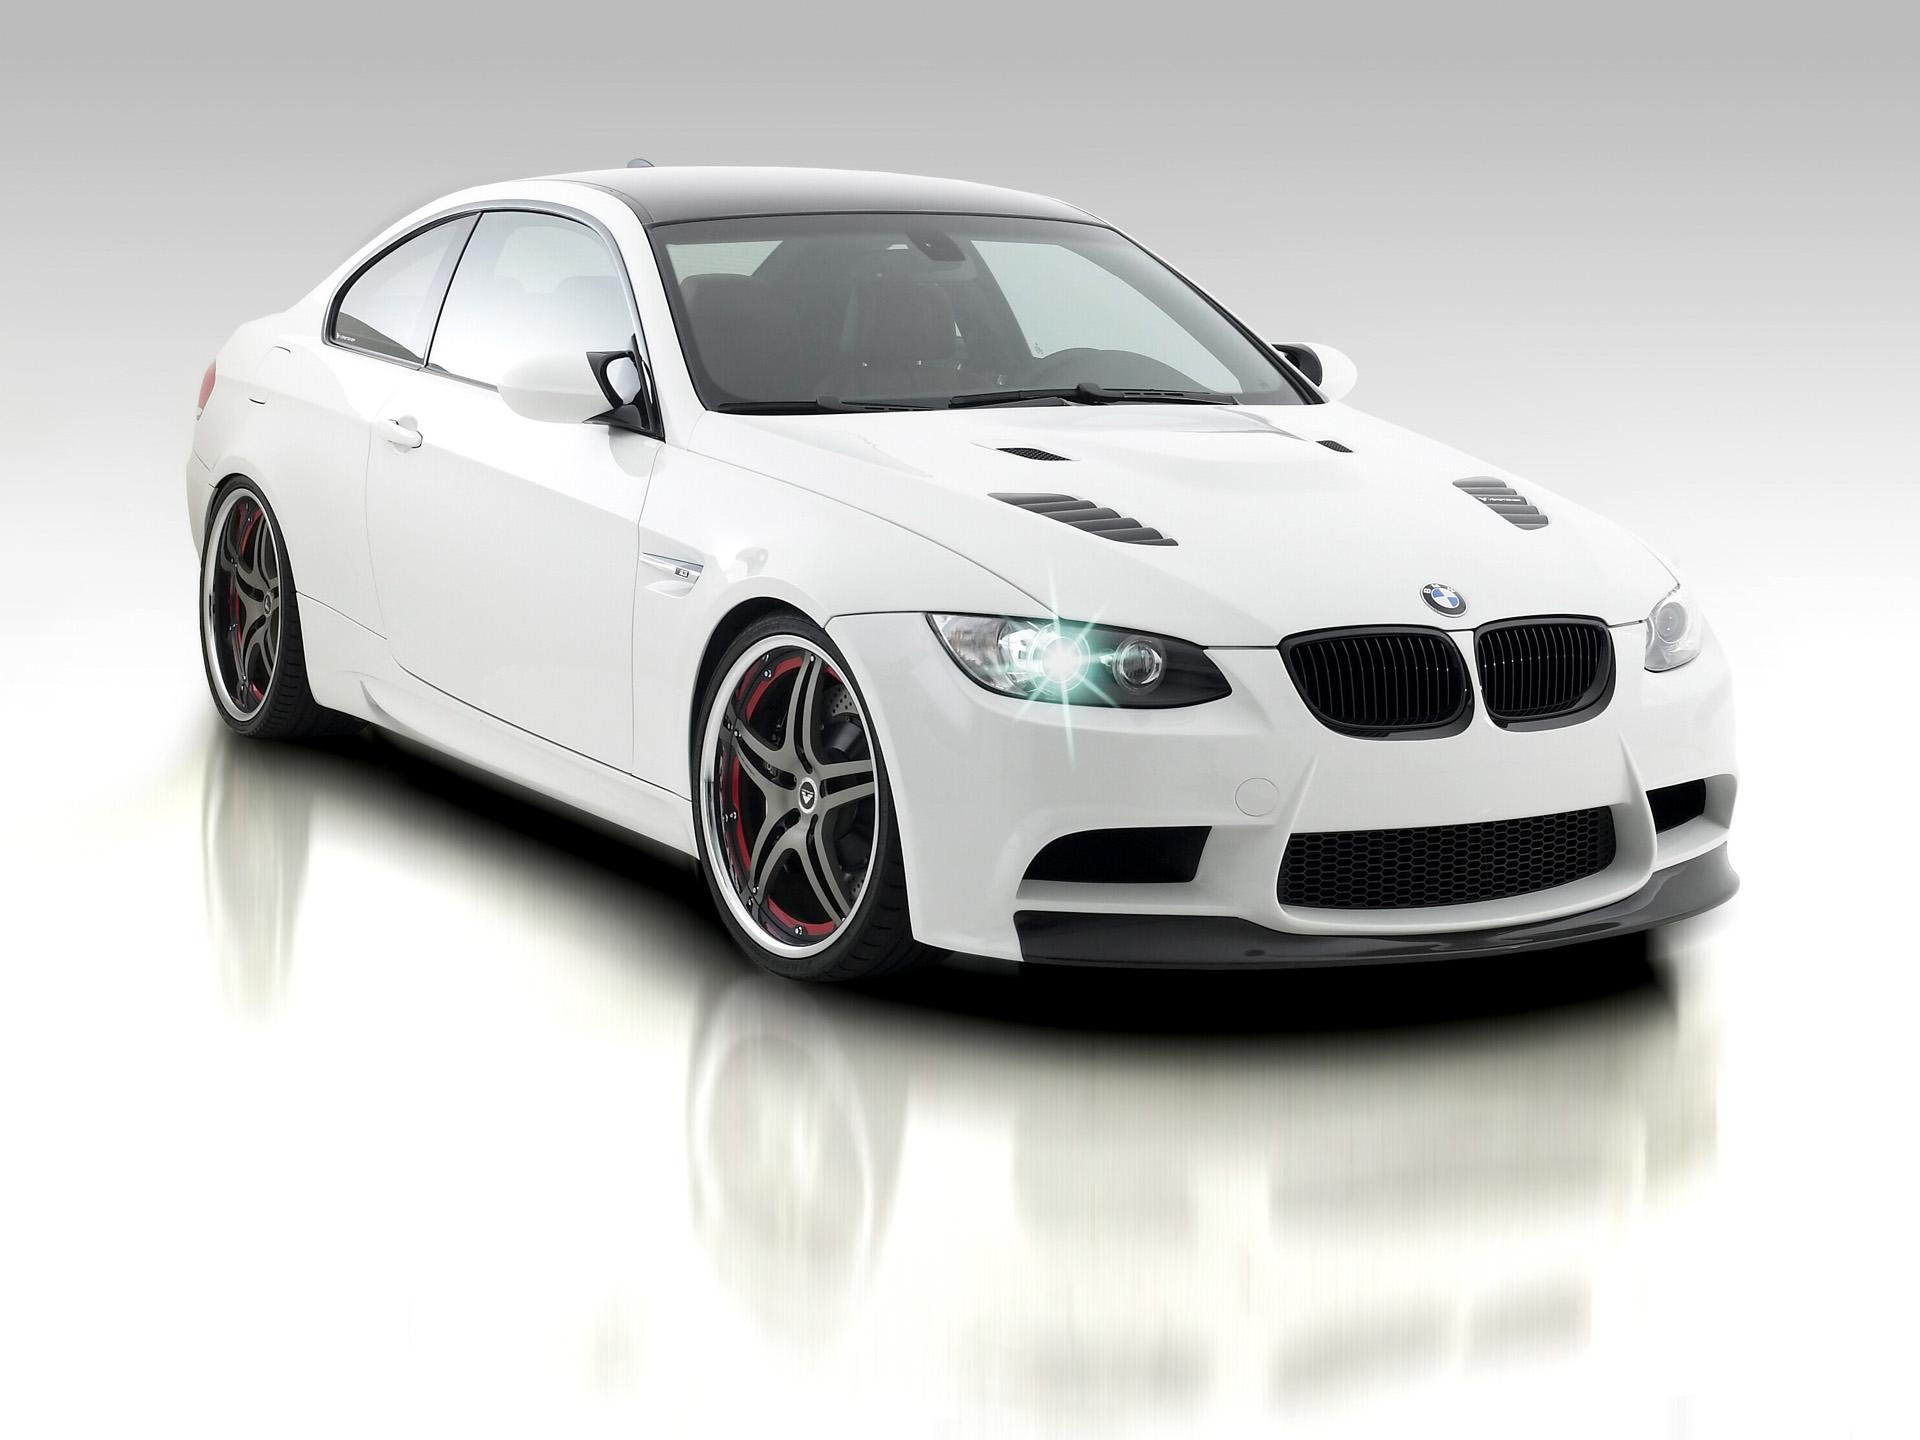 BMW M3 Wallpaper   BMW M Wallpaper 23762794 1920x1440